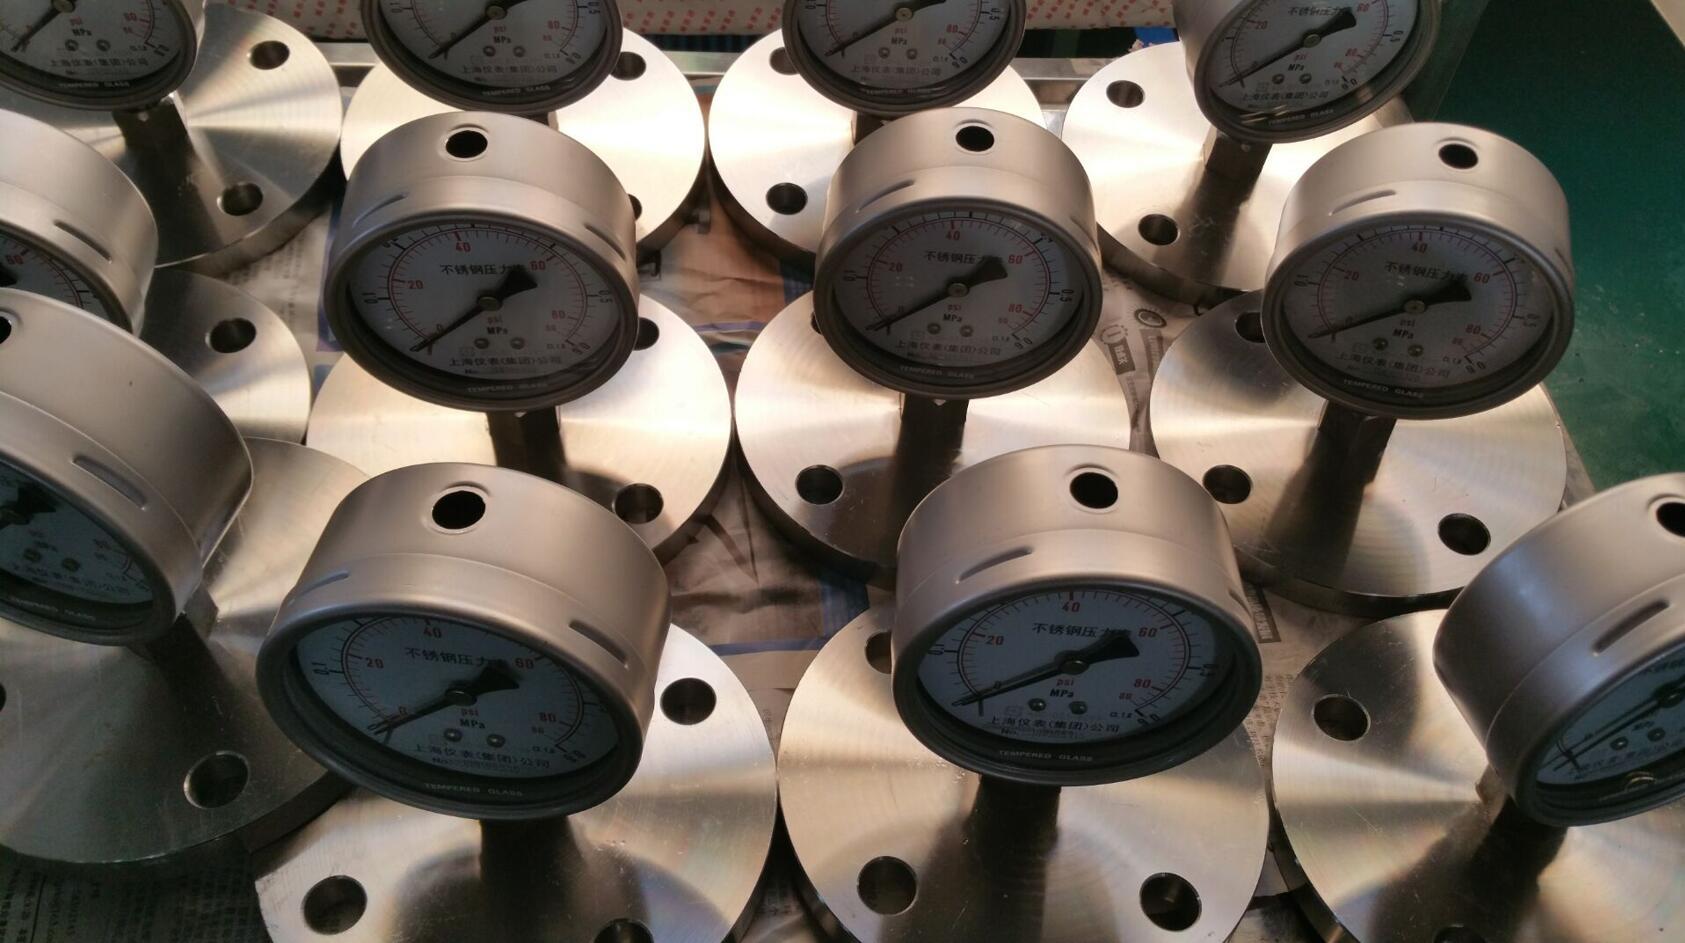 上海隔膜压力表_上海仪表集团公司隔膜压力表【询价】隔膜压力表